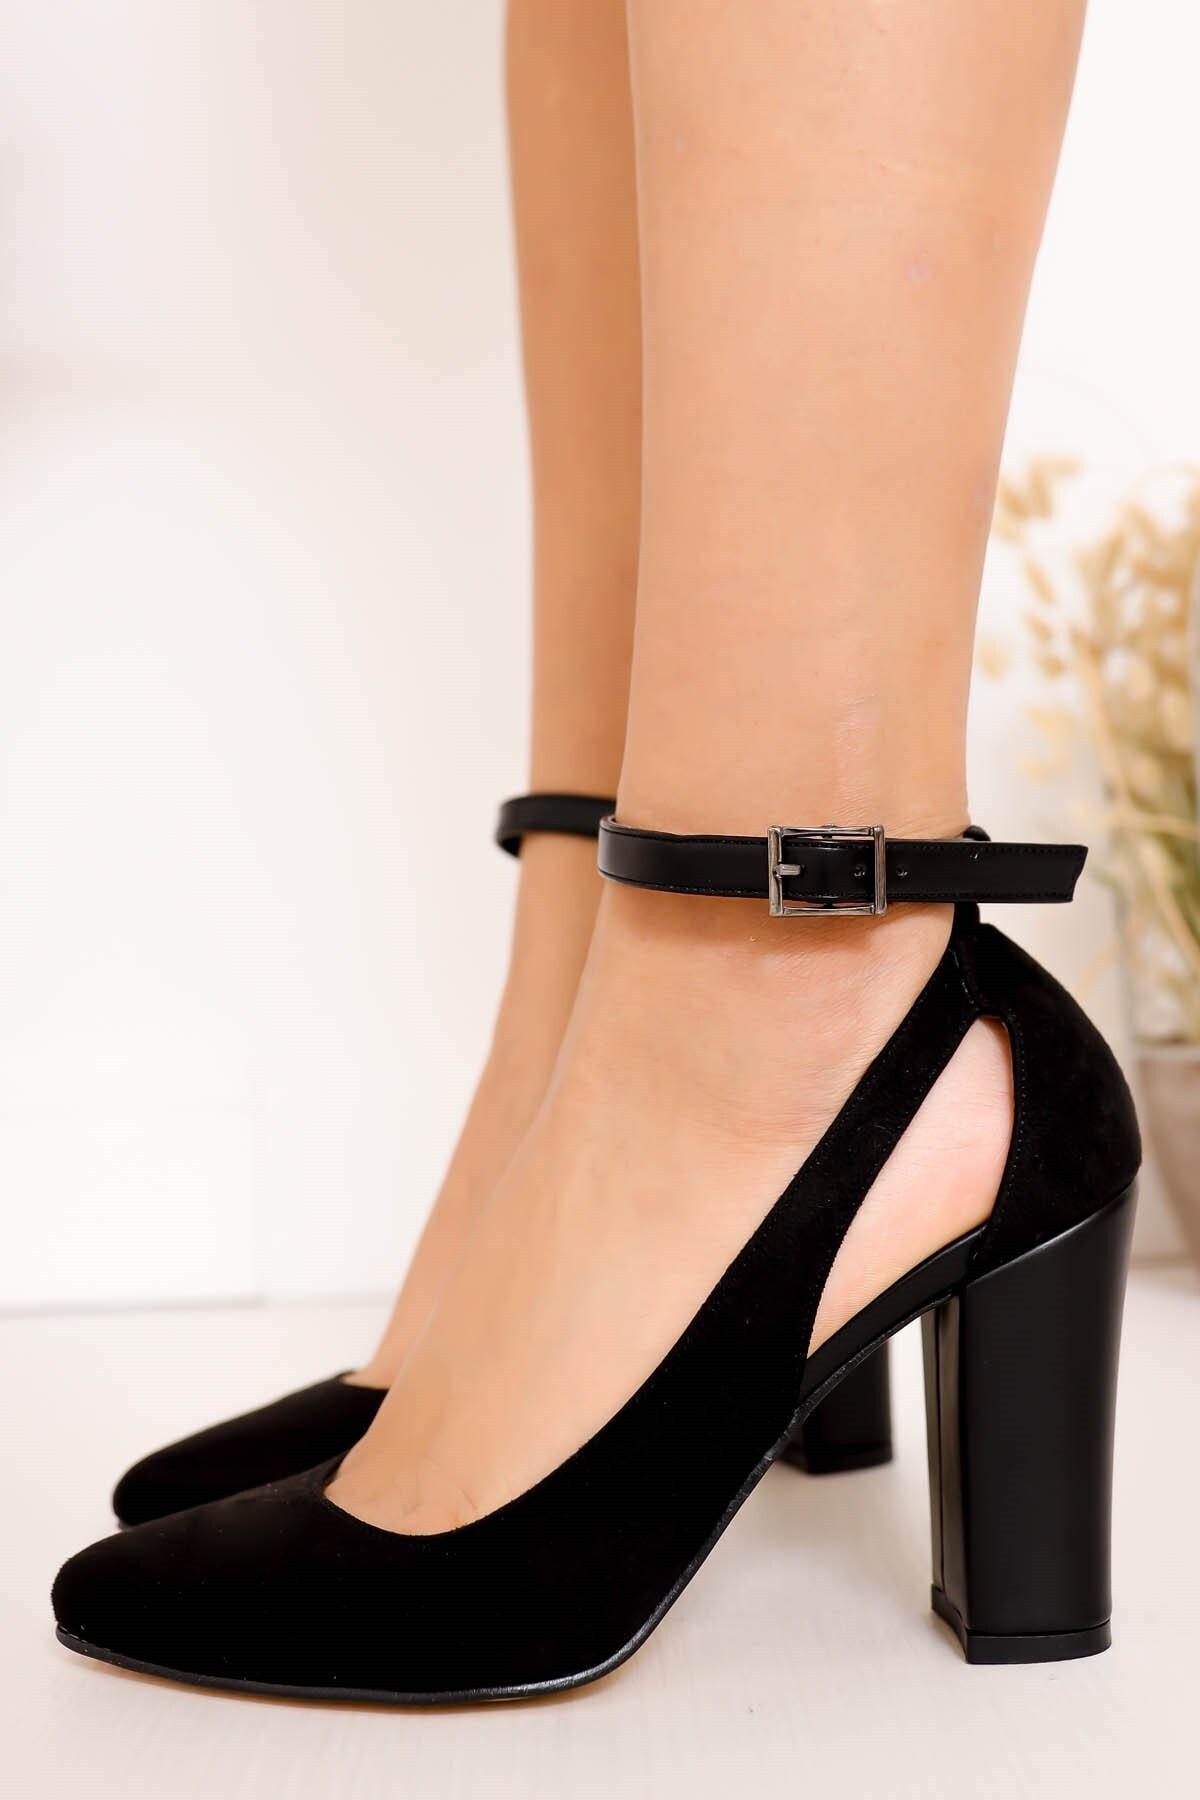 Hayalimdeki Ayakkabı Lillian Topuklu Siyah Süet Ayakkabı 2